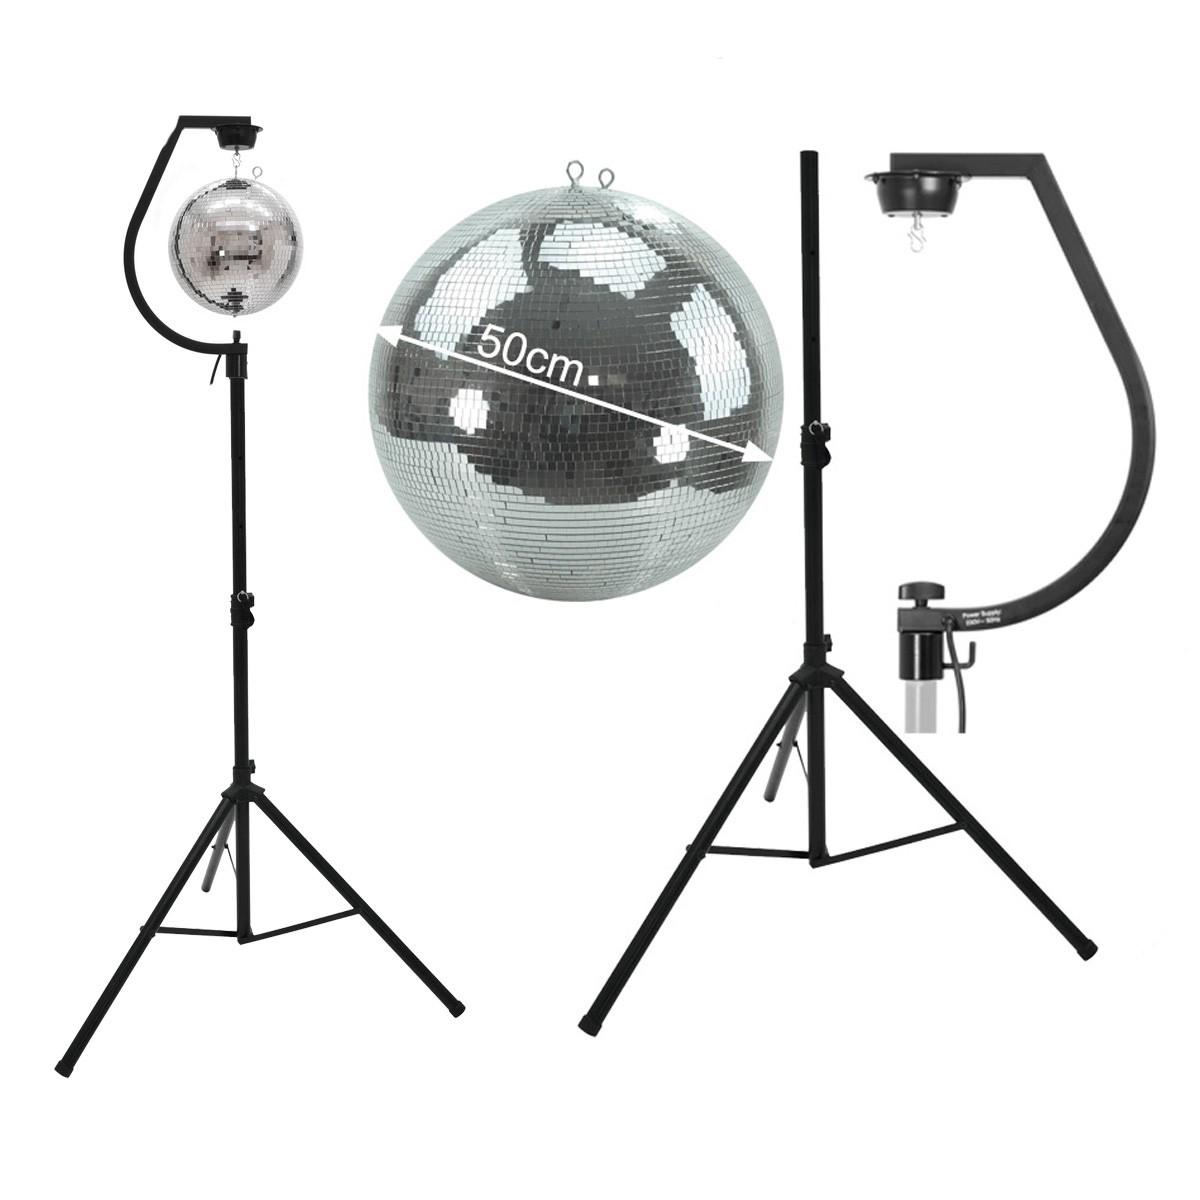 Spiegelkugel SET 50cm PROFI Kugel mit schwarzer Stativhalterung - inkl. Motor